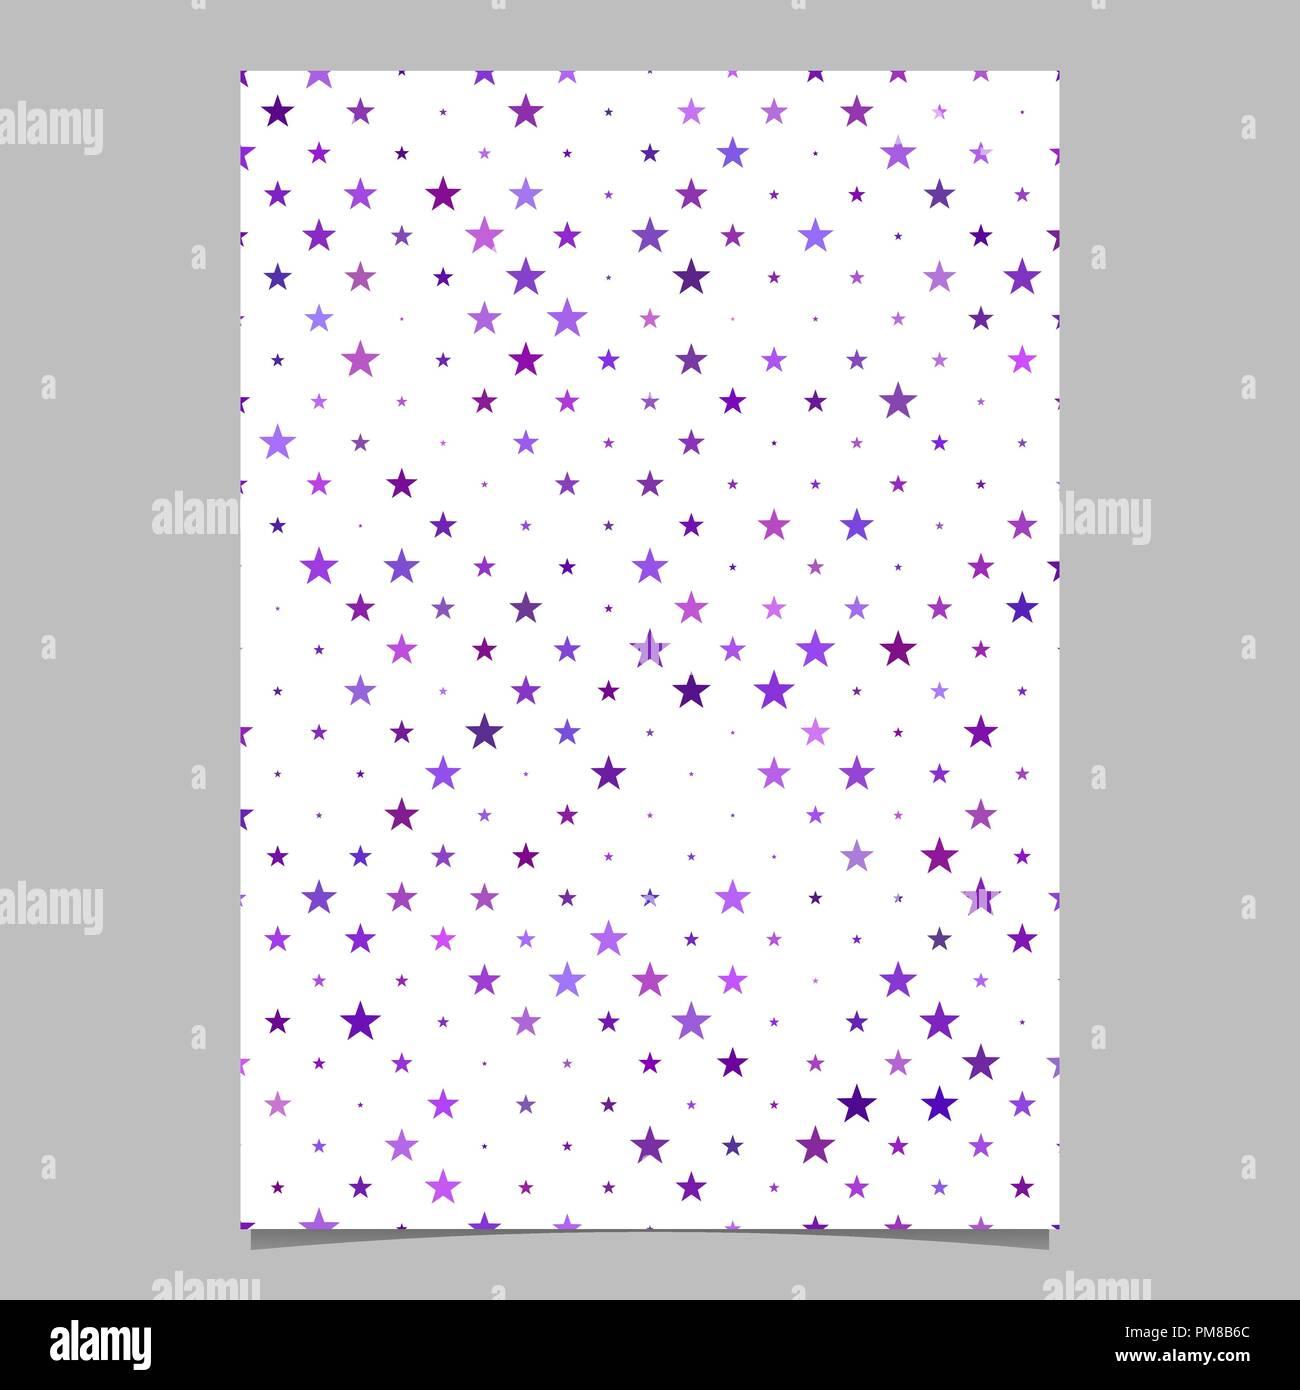 purple pentagram star shape pattern background brochure template